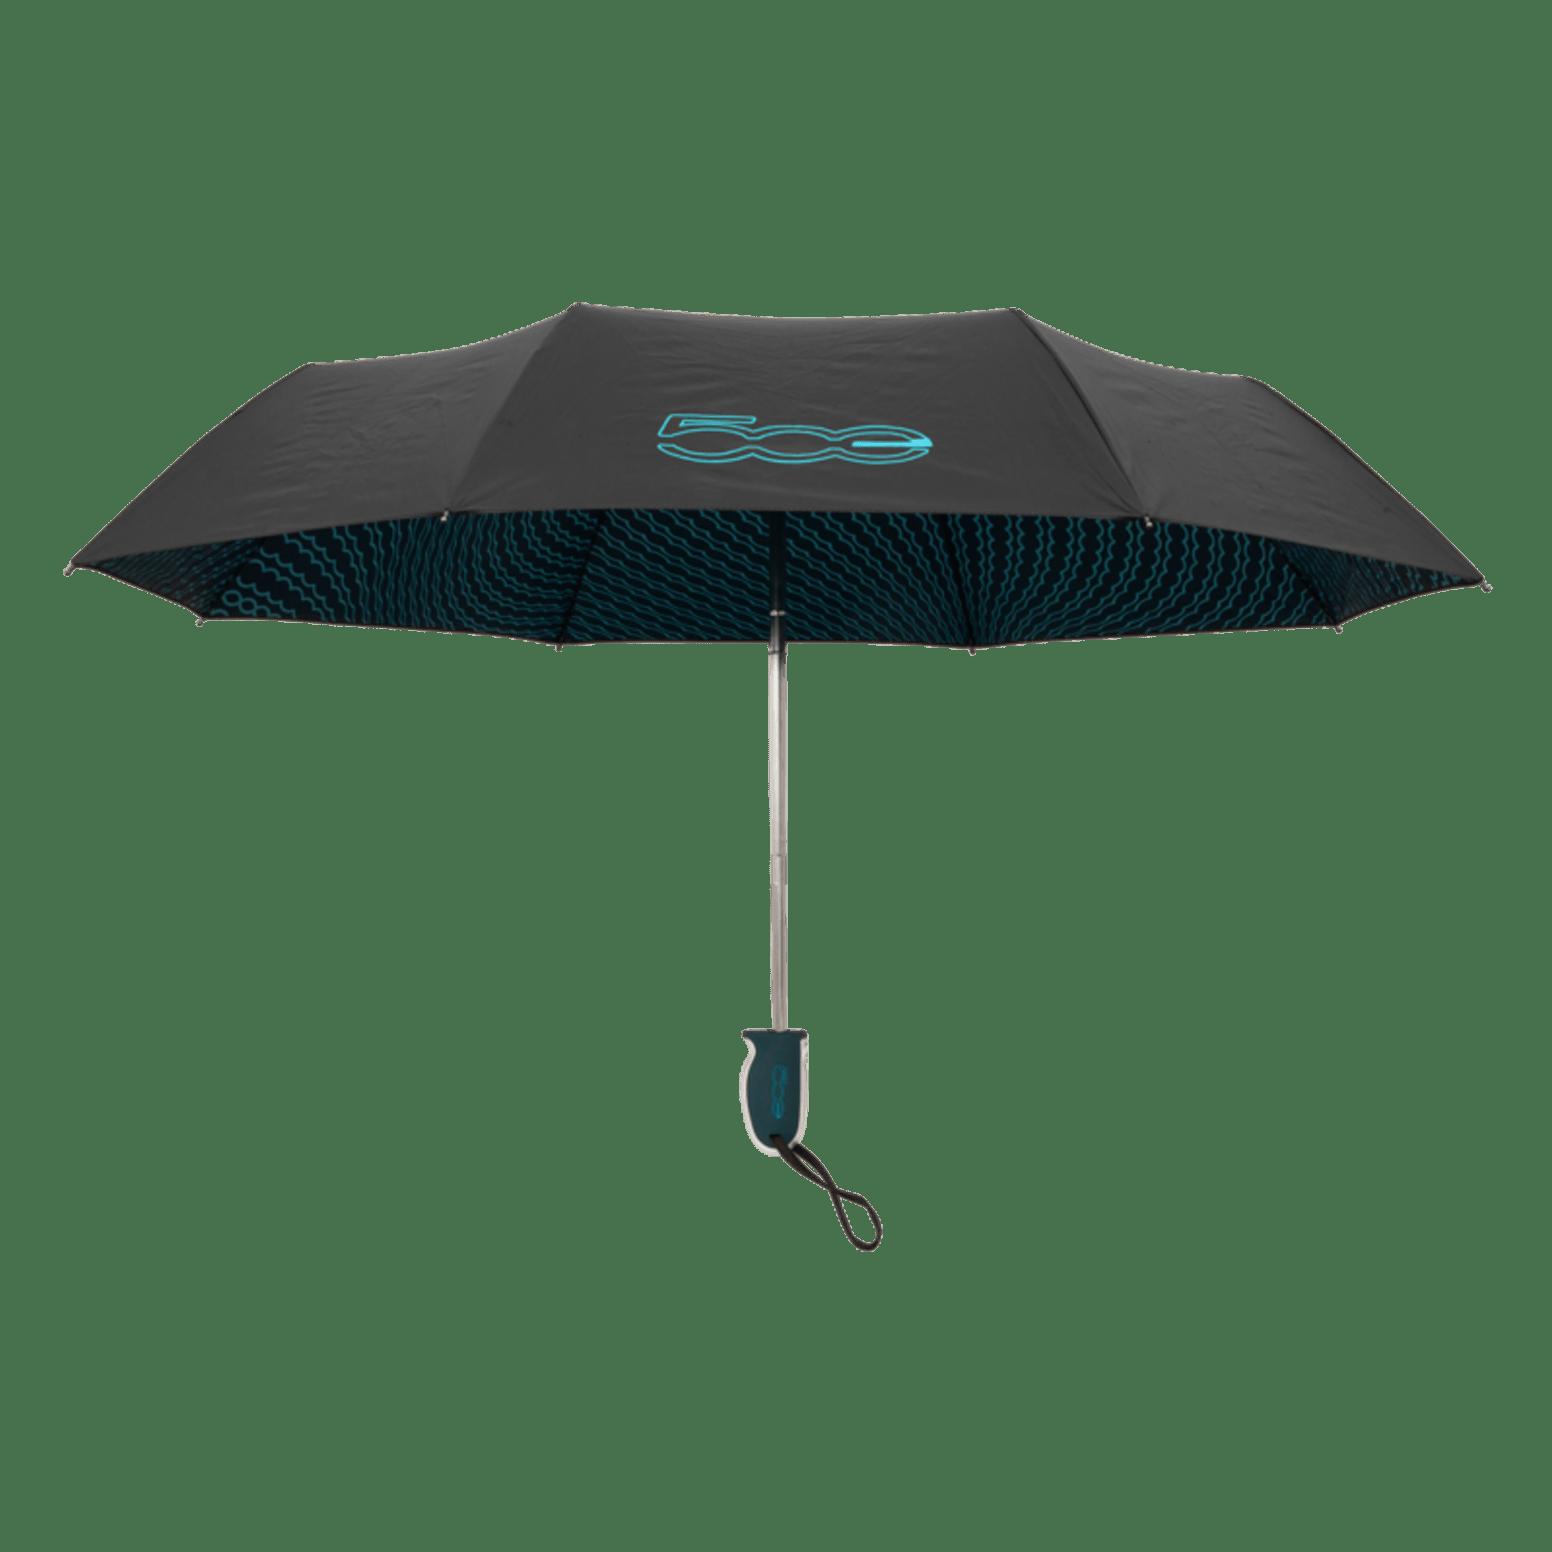 500e Umbrella